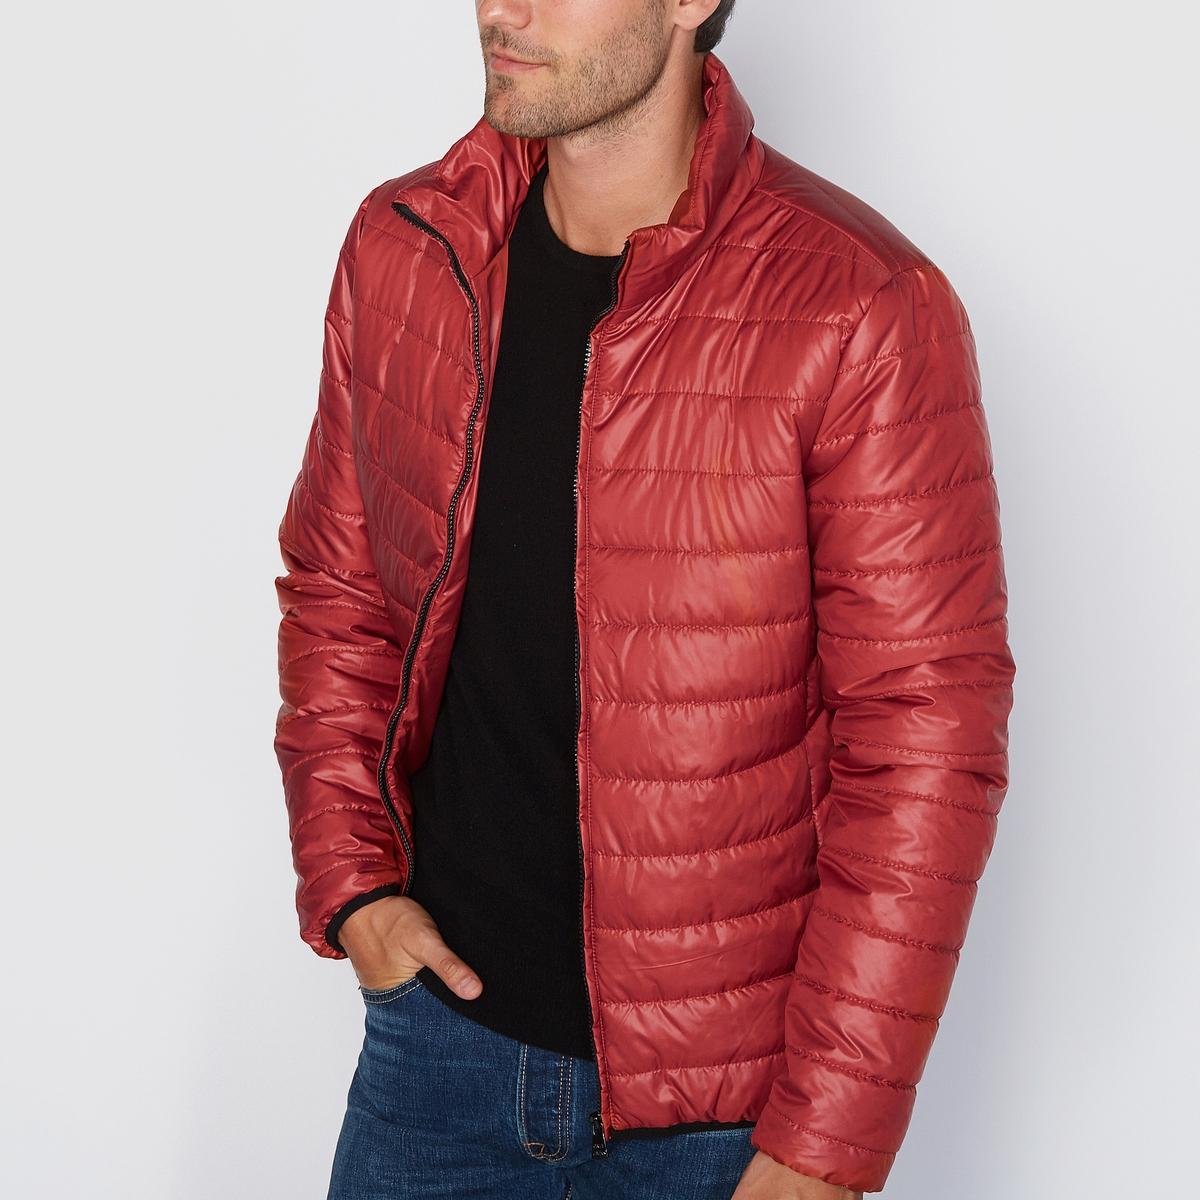 Куртка стеганаяКуртка стёганая ONLY &amp; SONS прошитая. Прямой покрой, высокий воротник. Застежка на молнию. 2 кармана с застежкой на молнию. Низ и манжеты эластичные. Состав и описаниеМатериал: 100% полиэстера.      Марка: ONLY &amp; SONS.<br><br>Цвет: красный